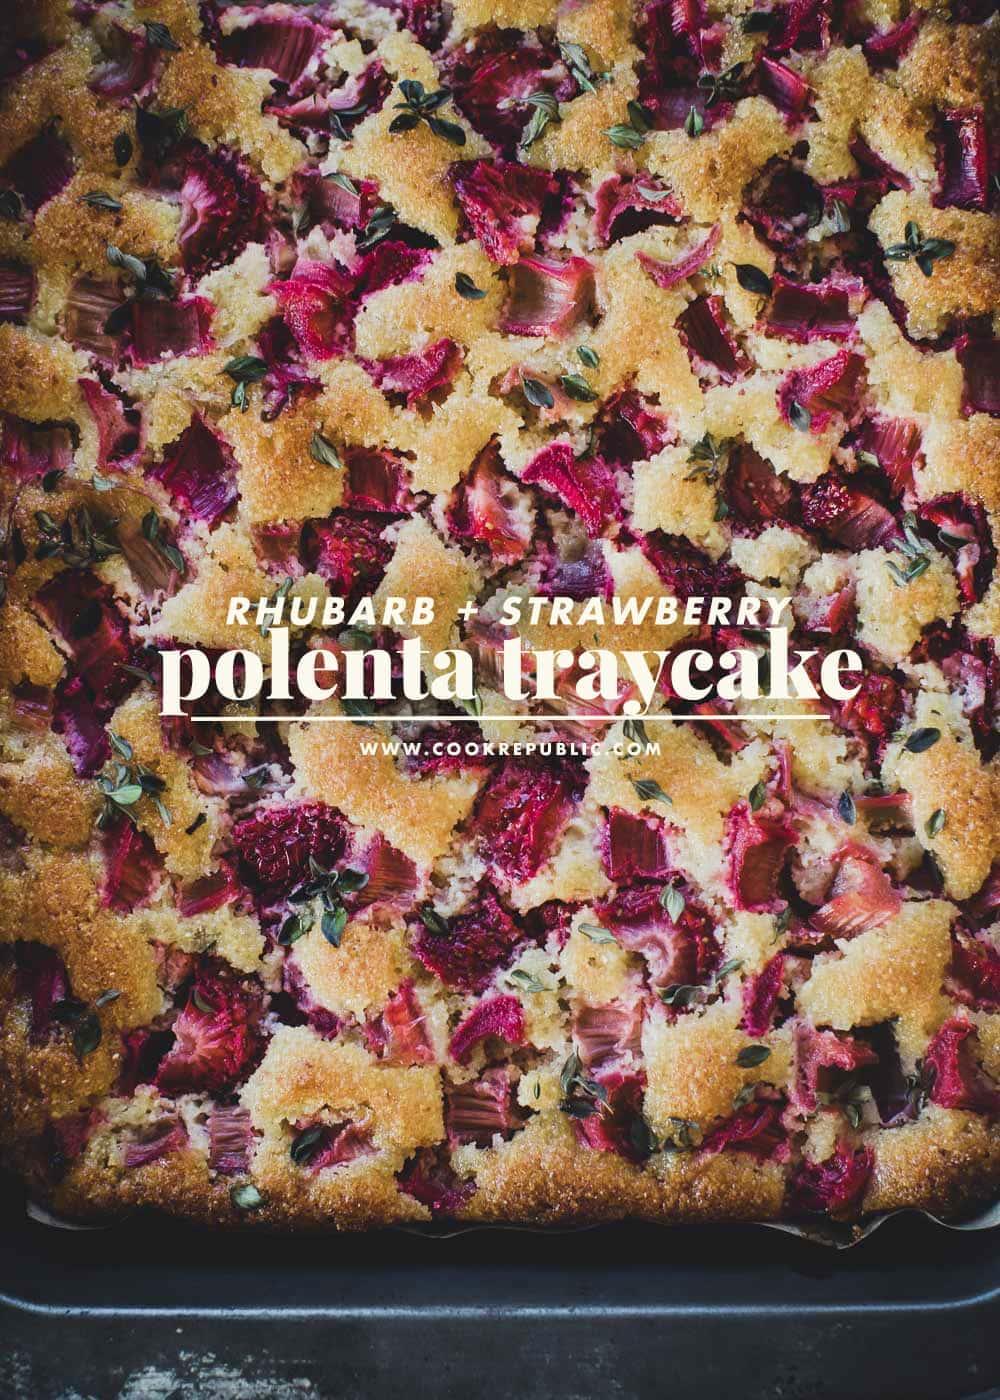 大黄草莓玉米粥托盘蛋糕-库克共和国#无麸质蛋糕William Hill娱乐